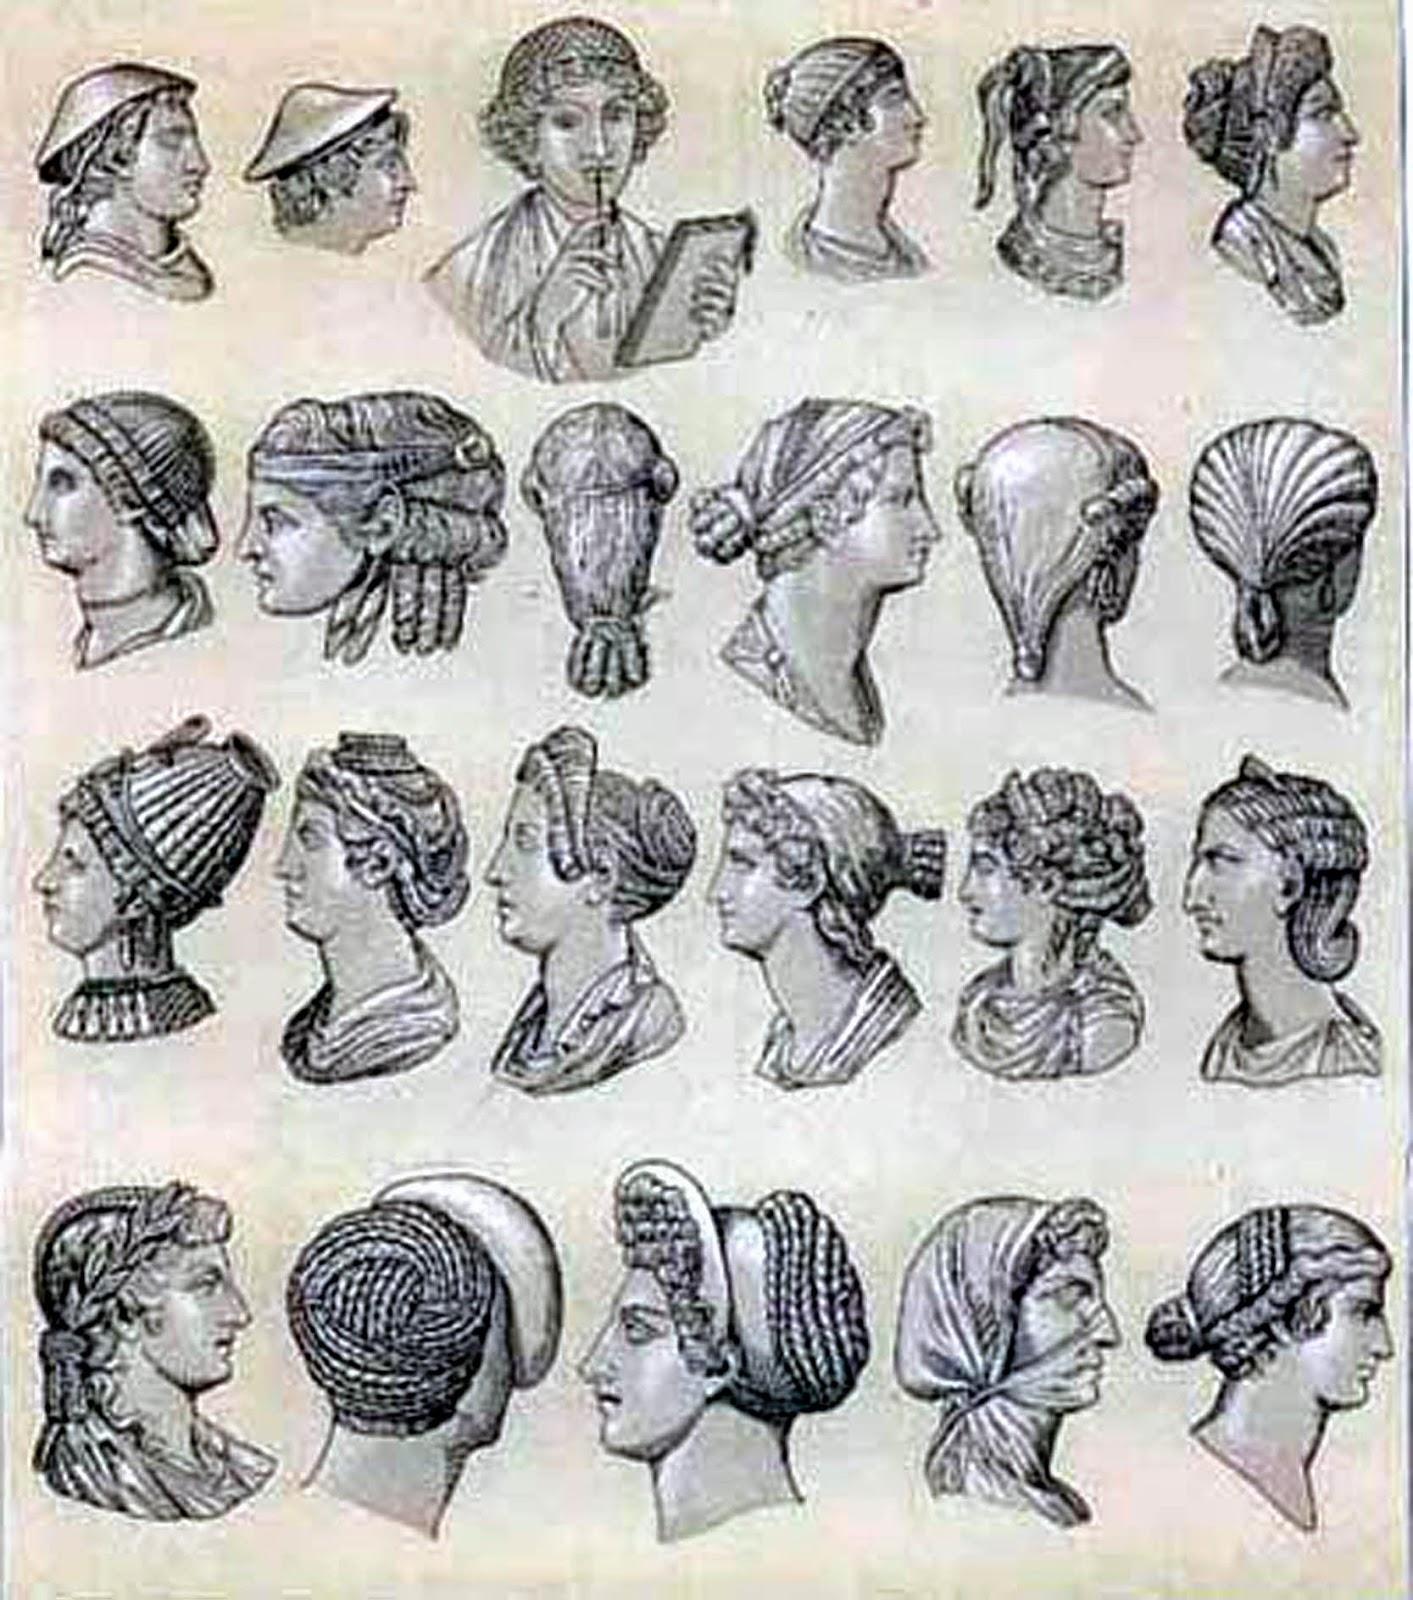 Sensacional peinados de romana Fotos de tendencias de color de pelo - antrophistoria: Los peinados en la antigua Roma.